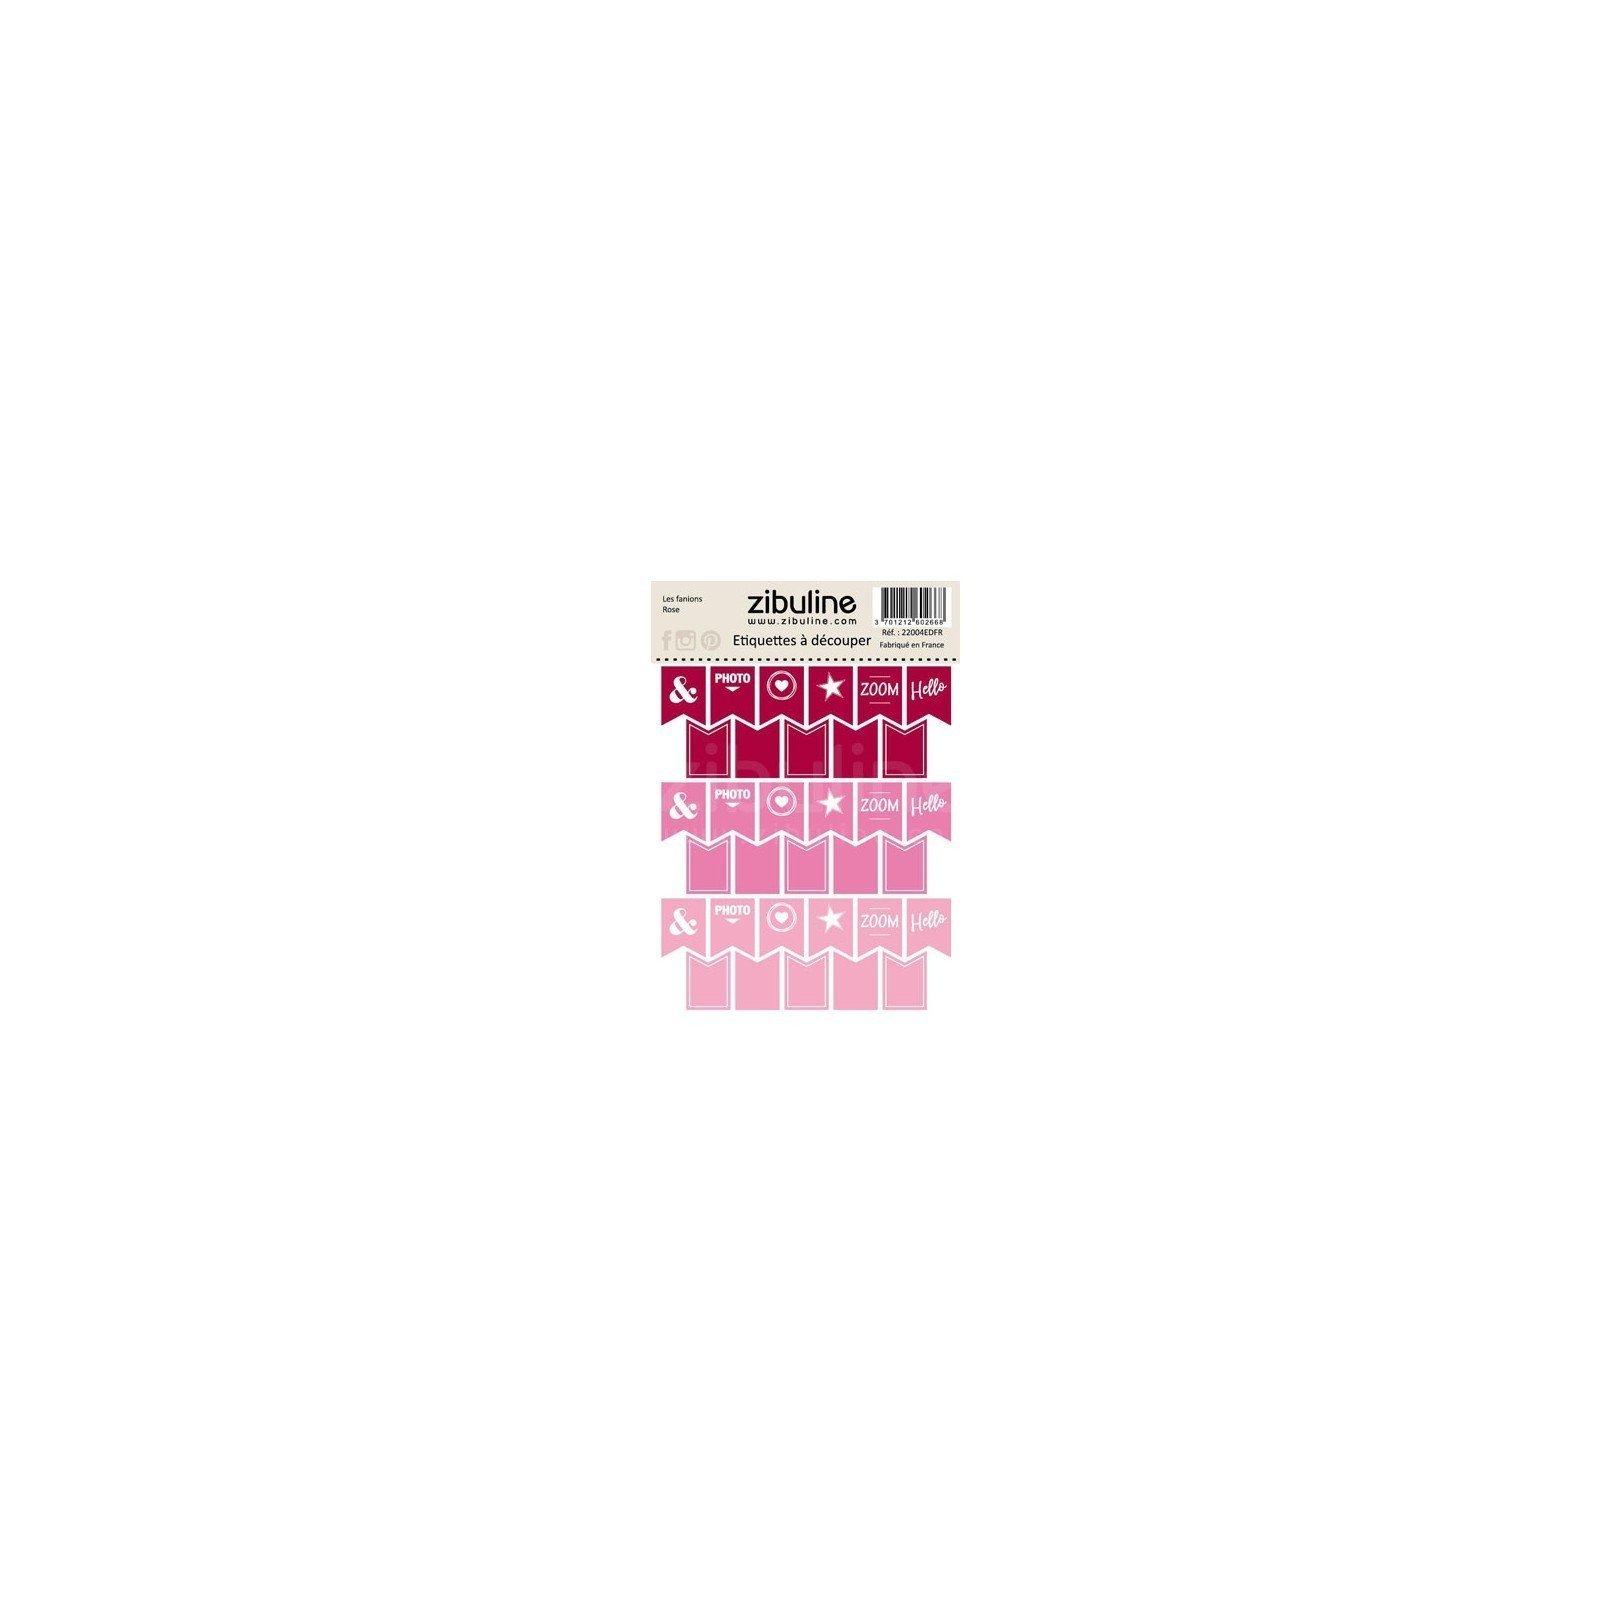 Planche d'étiquettes à découper - Les fanions - Rose - Zibuline